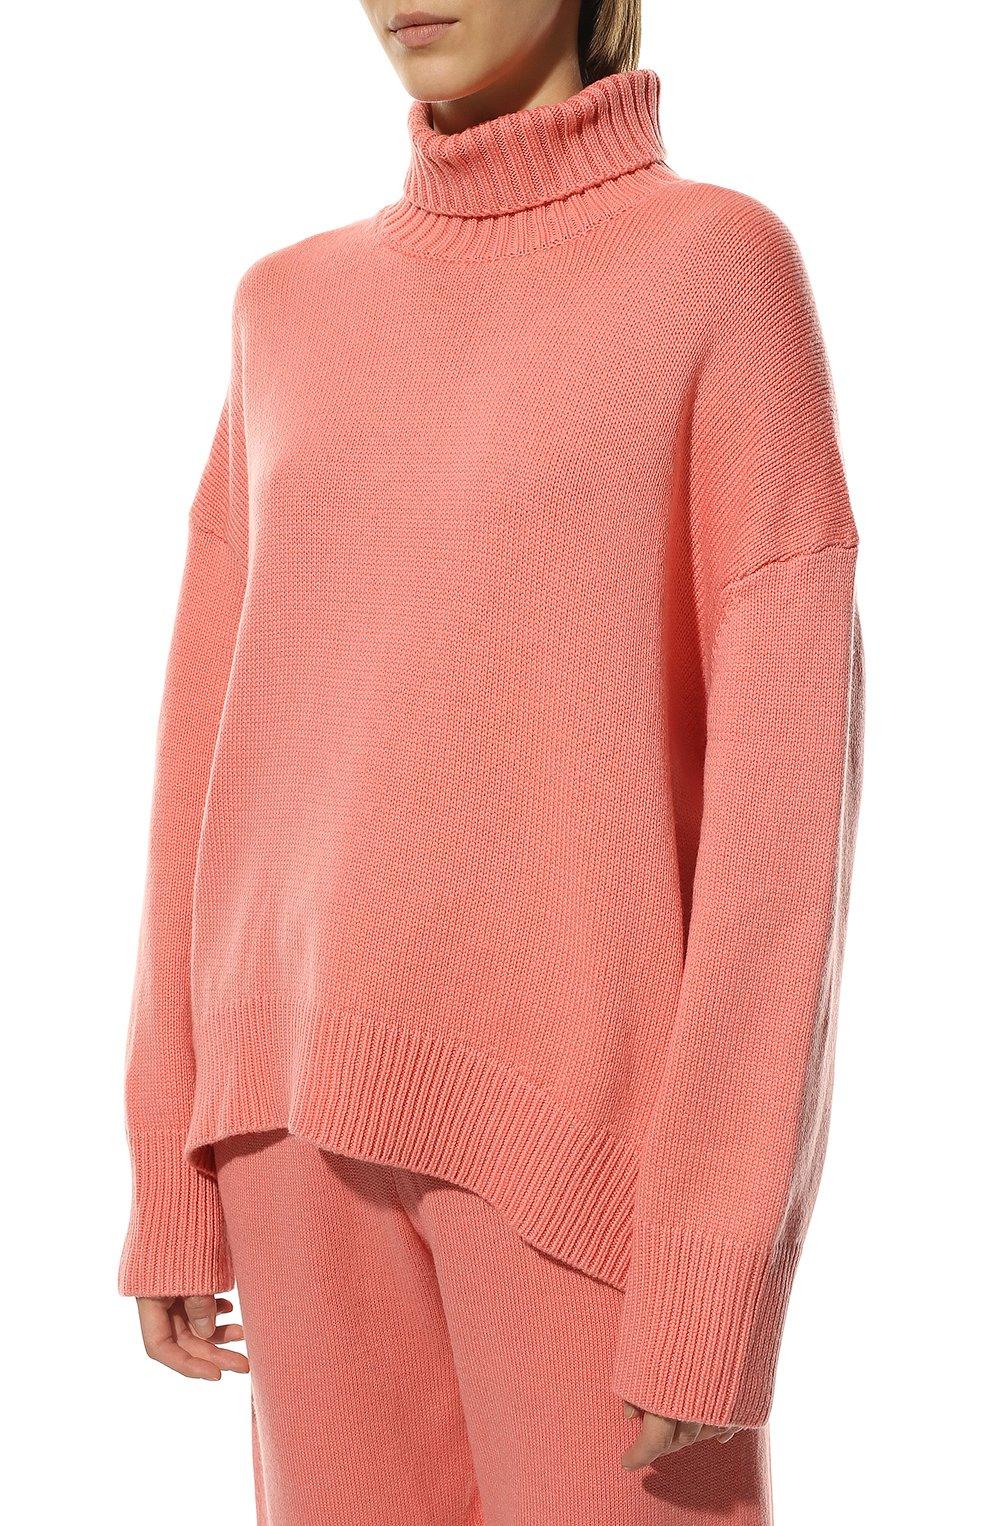 Женский свитер из смеси шерсти и кашемира ADDICTED розового цвета, арт. MK840 | Фото 3 (Женское Кросс-КТ: Свитер-одежда; Материал внешний: Шерсть; Рукава: Длинные; Длина (для топов): Стандартные; Статус проверки: Проверена категория)